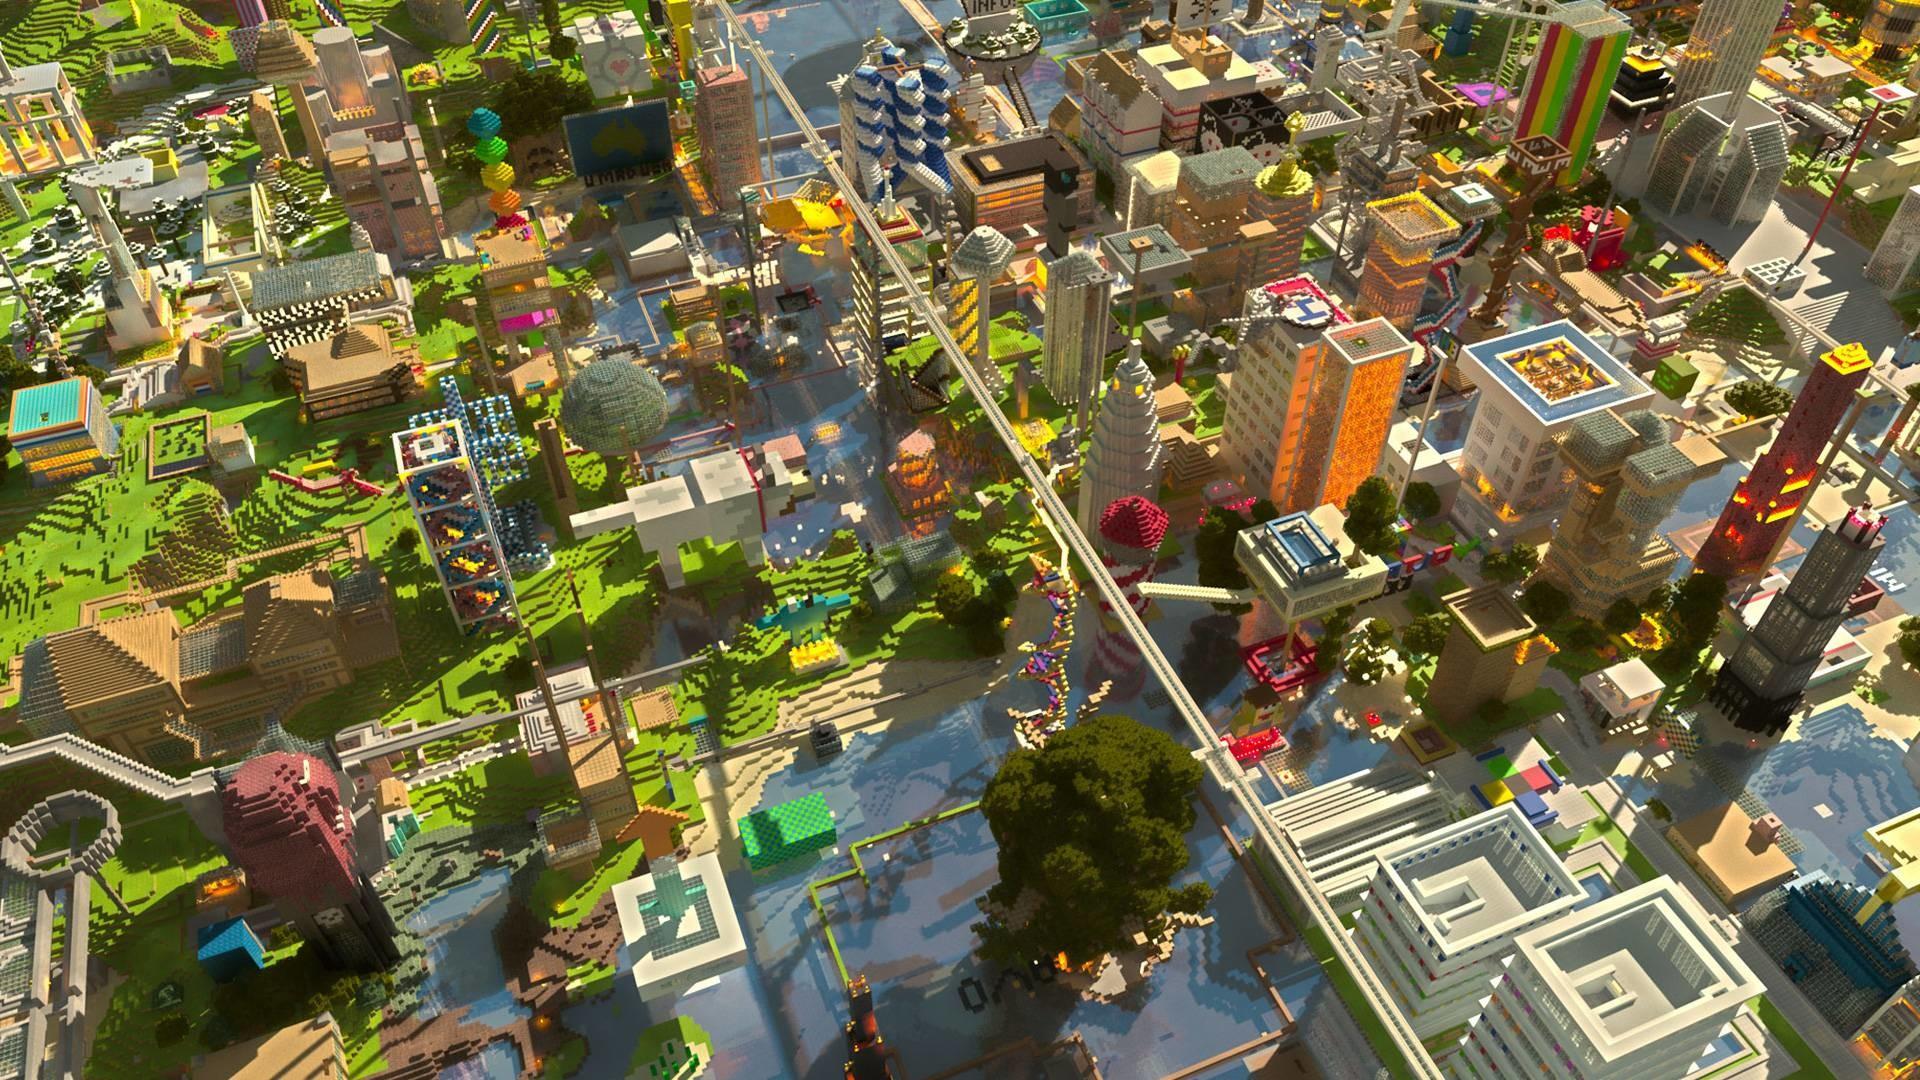 Hình nền Minecraft thành phố hiện đại